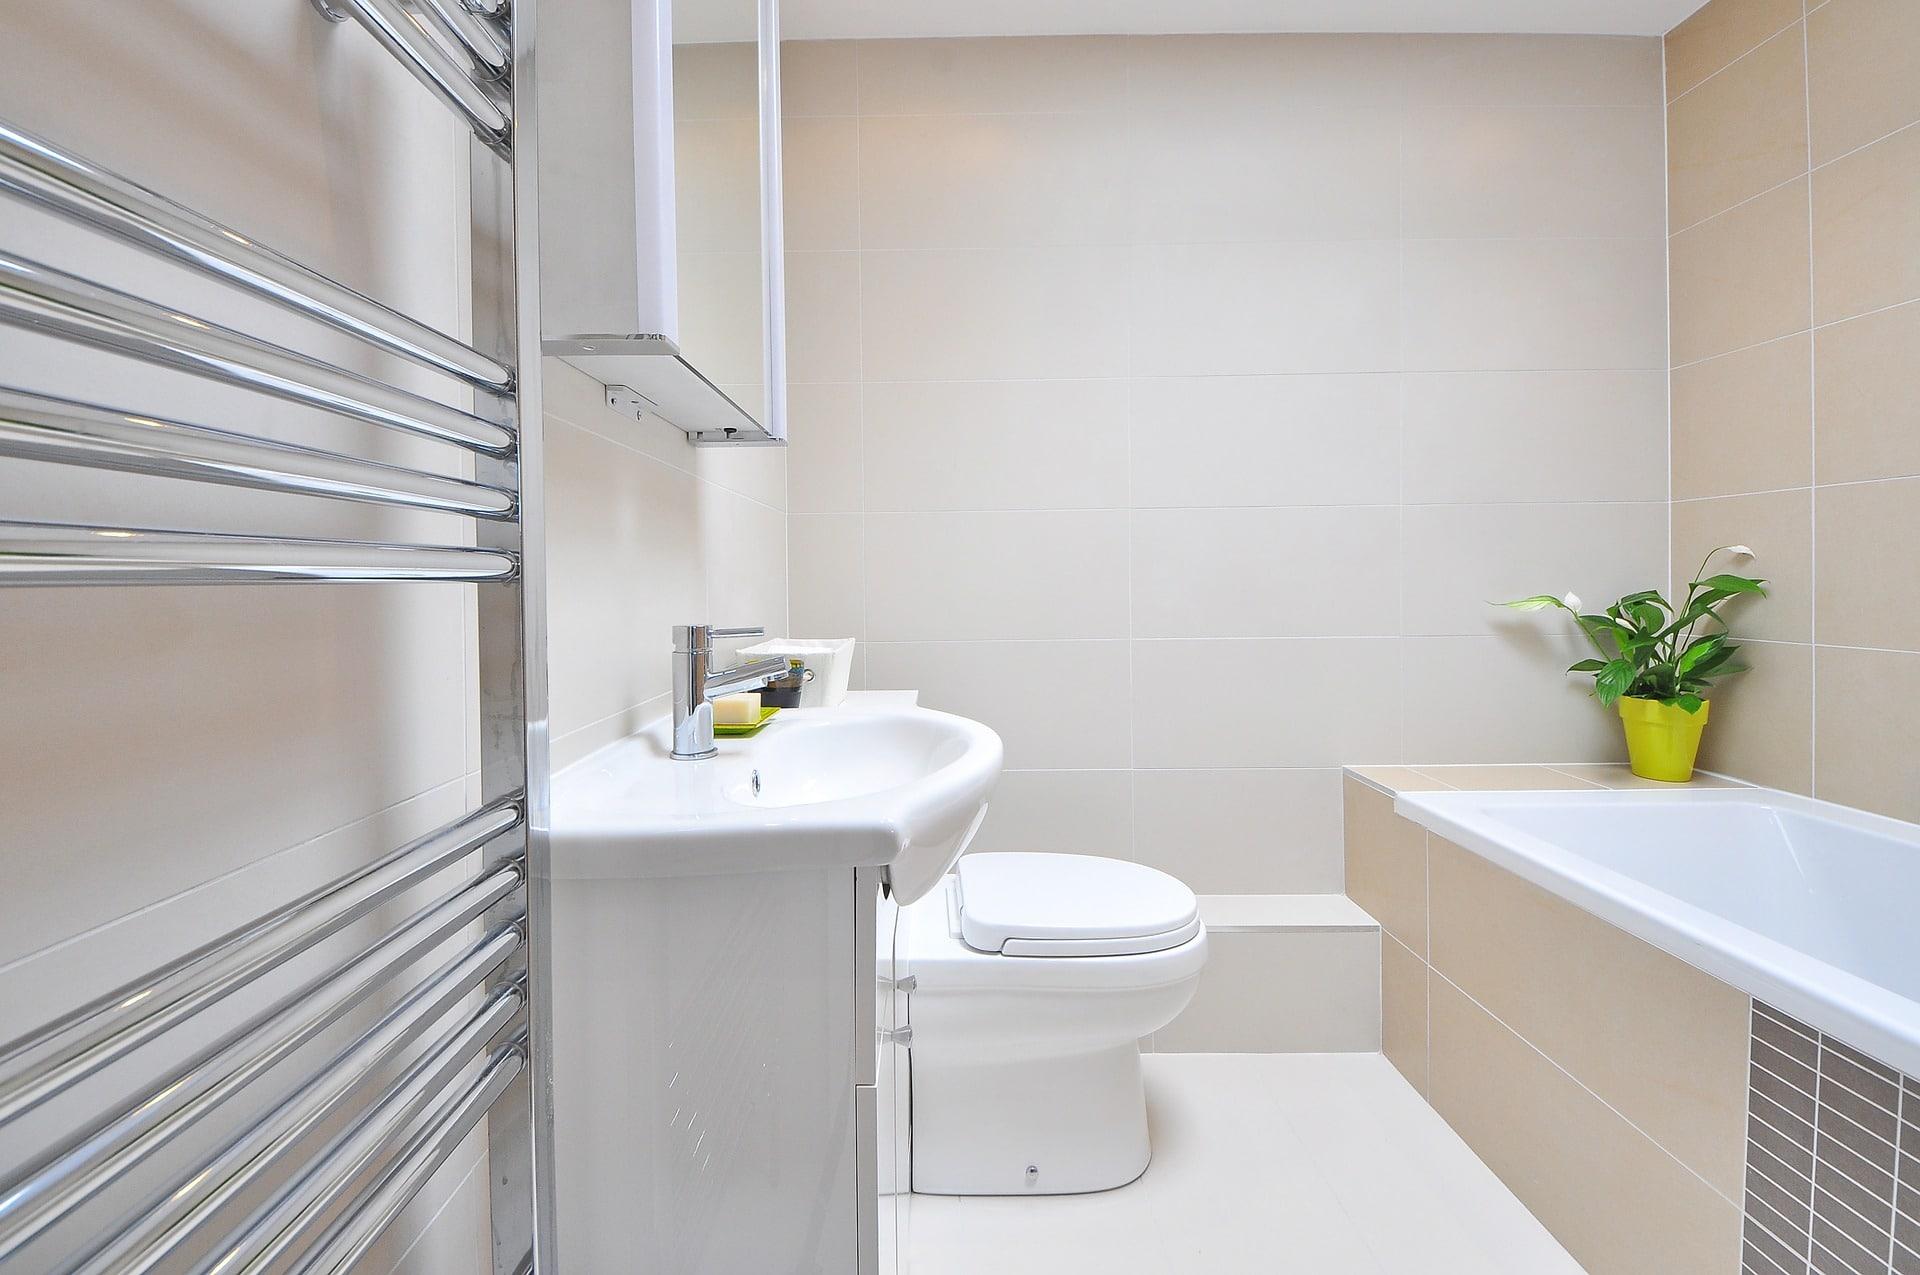 Ideen für kleine Badezimmer – Tipps und Tricks für kleine Bäder